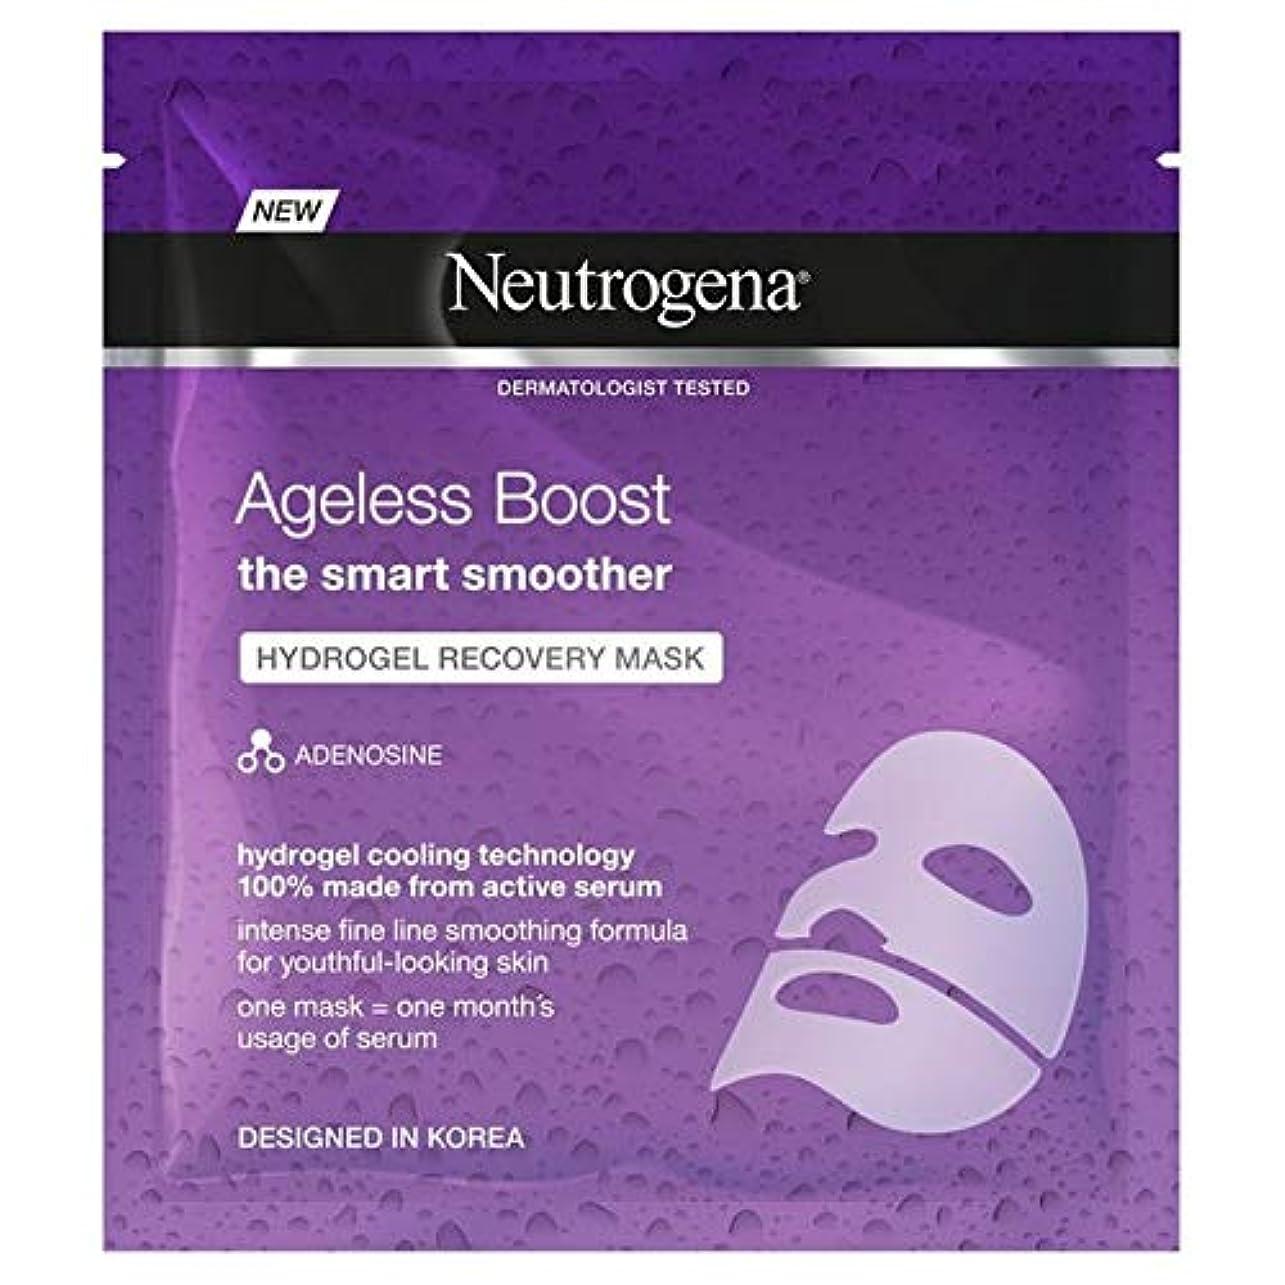 何故なの商業の頬[Neutrogena] ニュートロジーナ永遠ブーストハイドロゲルマスク30ミリリットル - Neutrogena Ageless Boost Hydrogel Mask 30ml [並行輸入品]